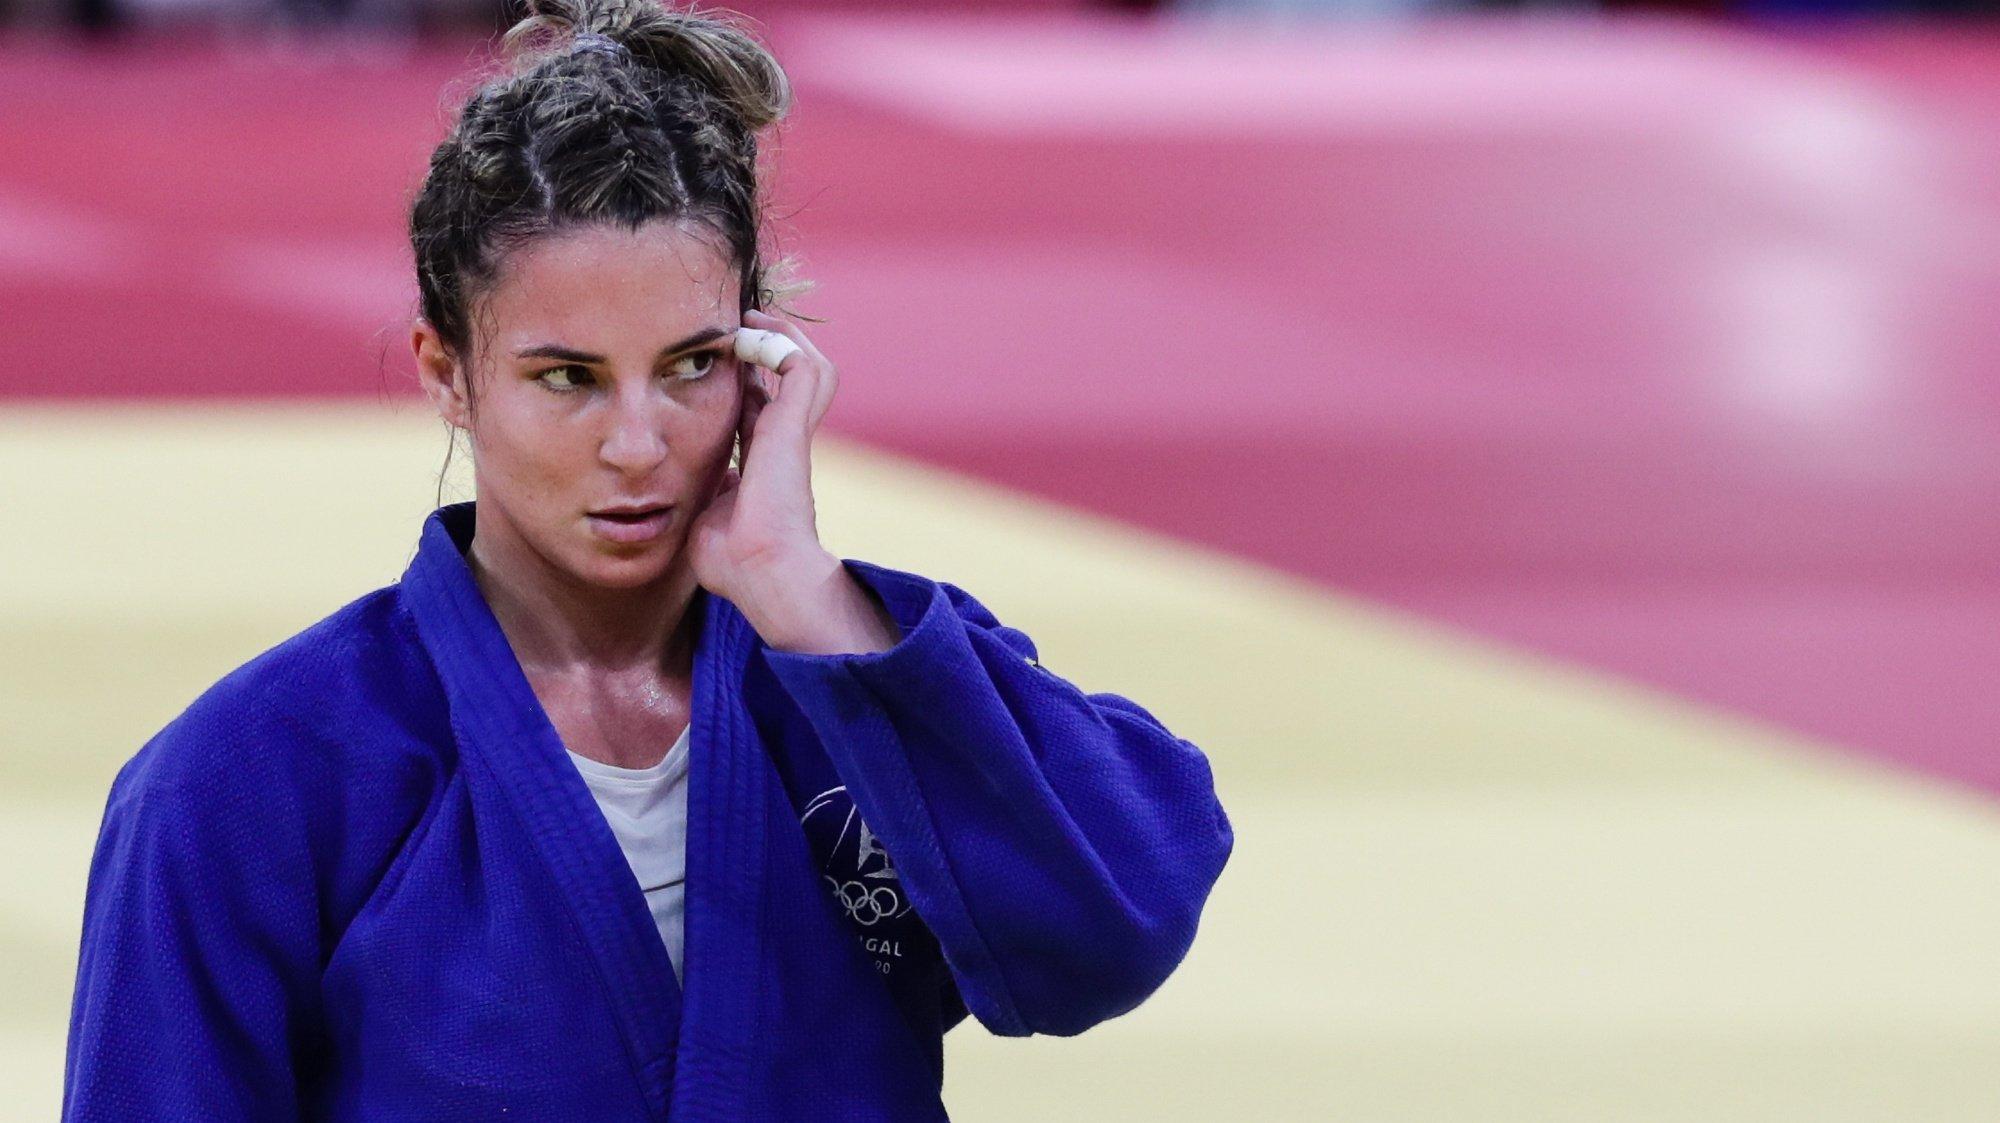 A judoca portuguesa Barbara Timo em ação durante o segundo combate na categoria de -70 kg, com a croata Barbara Matic, nos Jogos Olimpicos de Tóquio2020, no Nipon Bakugan de Tóquio, Japão, 28 de julho de 2021. TIAGO PETINGA/LUSA